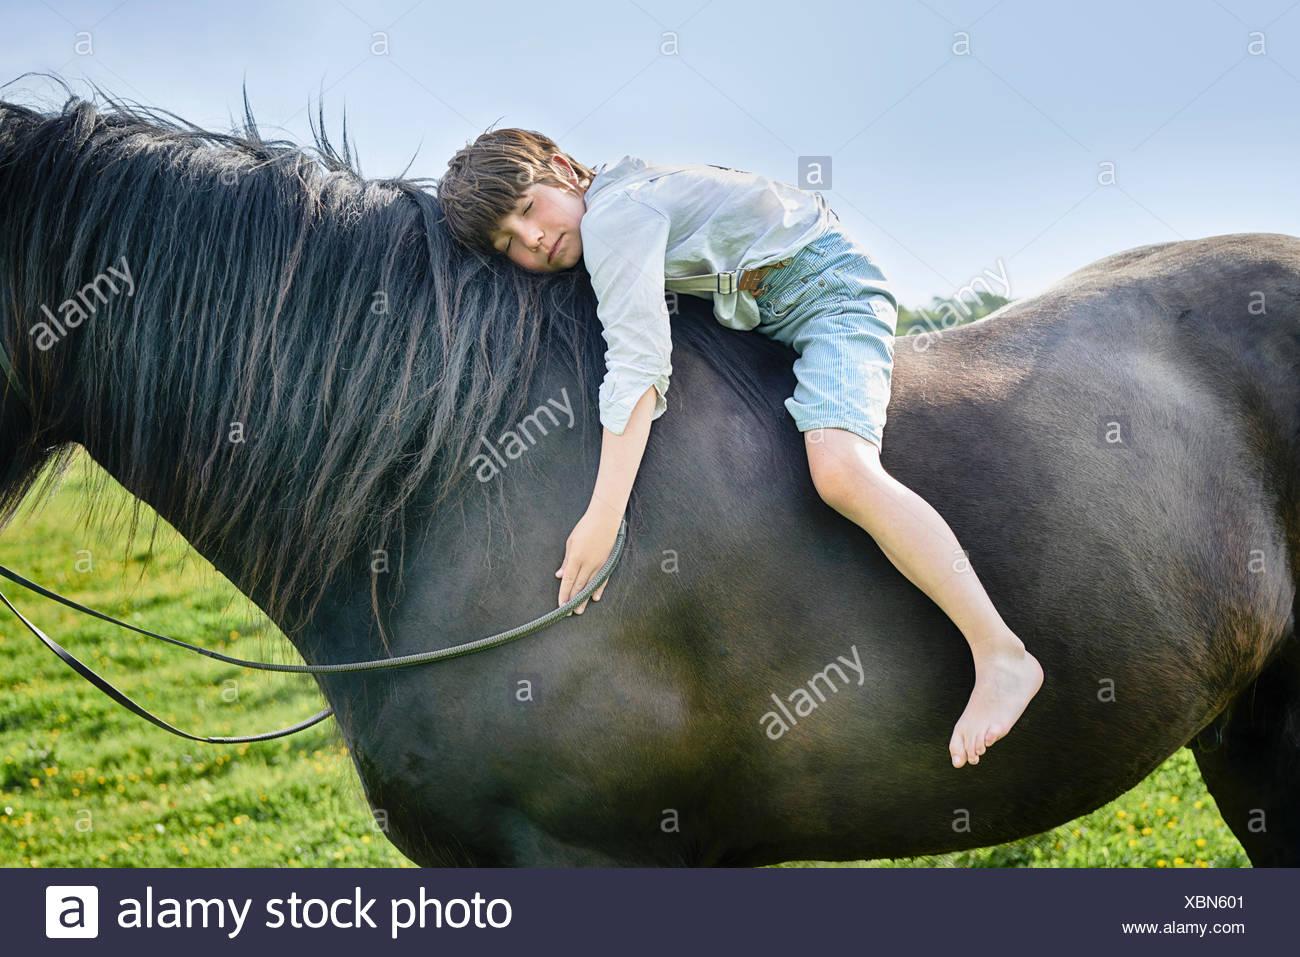 Ritagliato colpo di boy sporgersi in avanti con gli occhi chiusi a cavallo nel campo Immagini Stock